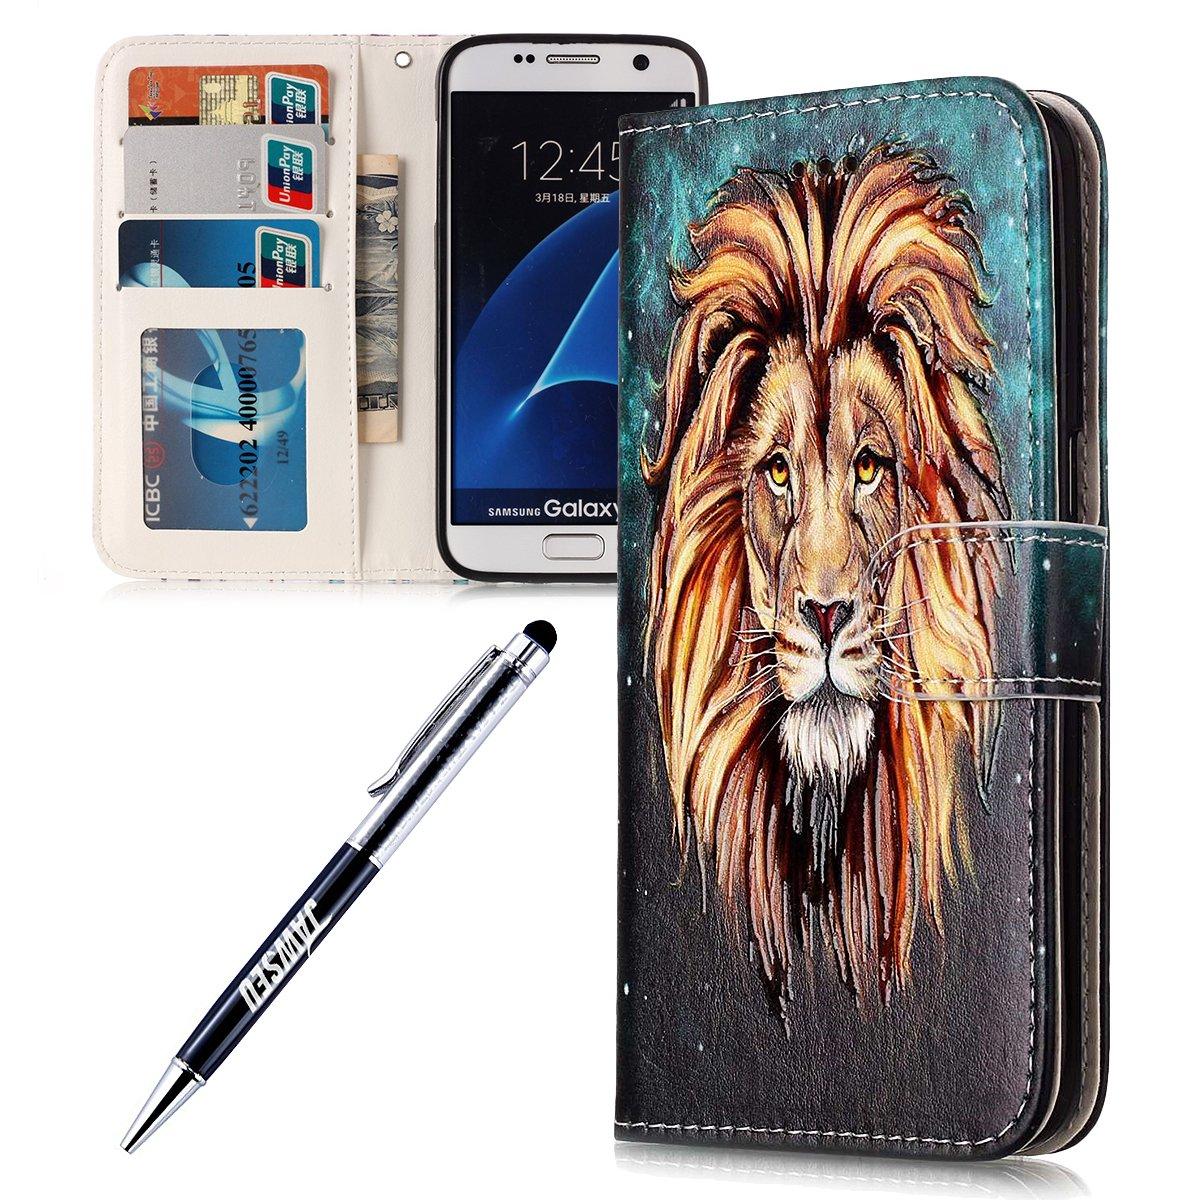 JAWSEU Samsung Galaxy S7 Edge Custodia Cover Pell Portafoglio, Wallet Pouch Colorato Marmo Telefono Custodia[Shock-Absorption] Magnetica Supporto Protettiva Bumper Cover Leather Flip Cover